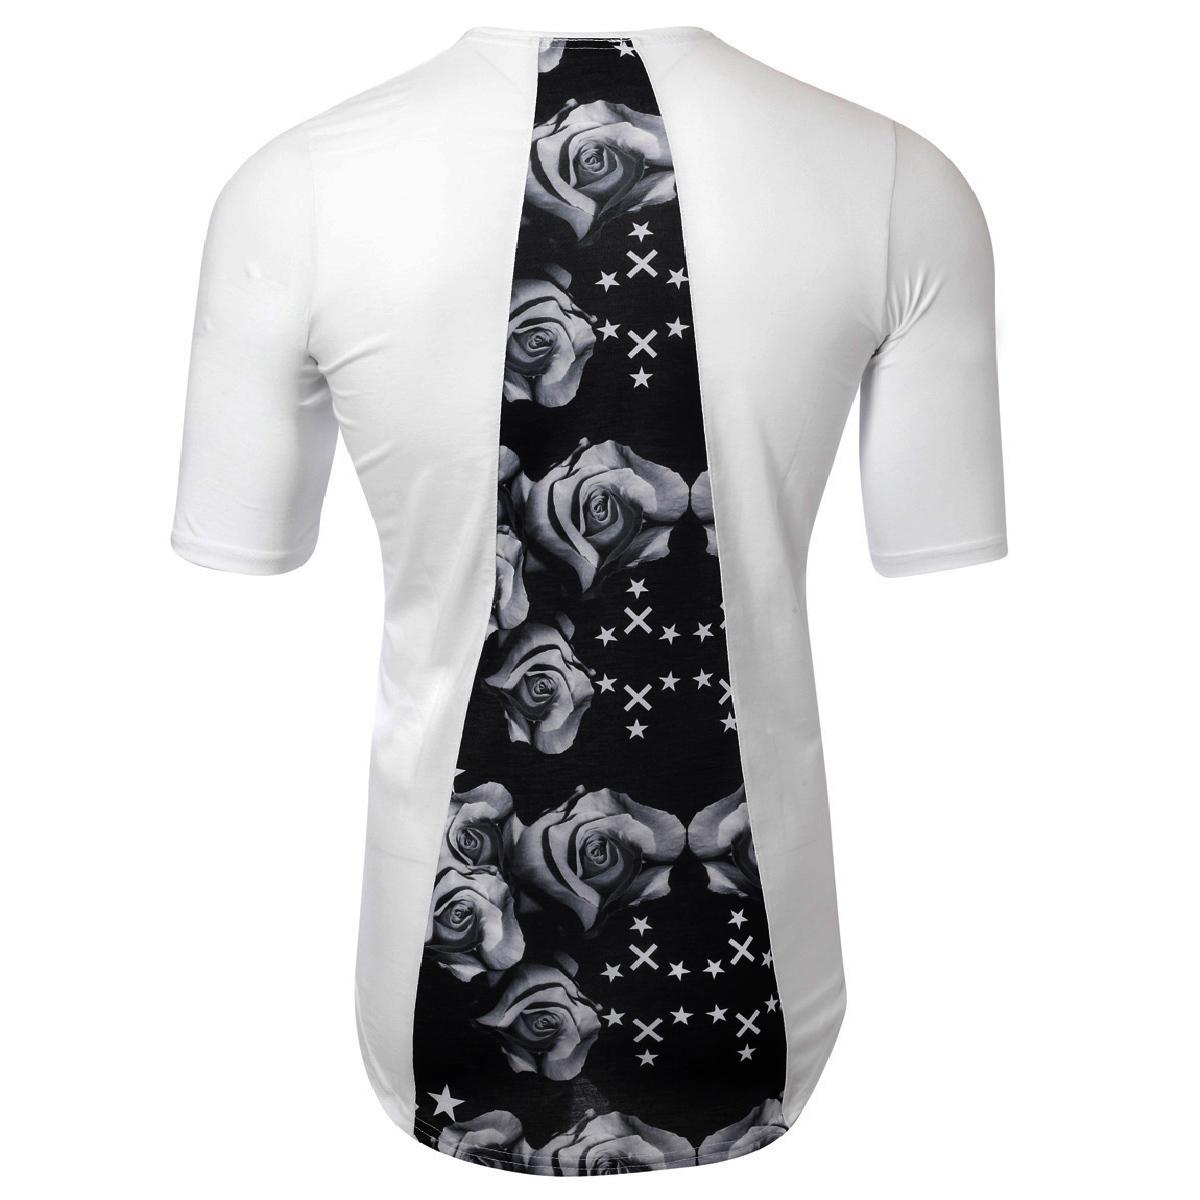 Ανδρικό T-Shirt Grey Rose-Άσπρο αρχική ανδρικά ρούχα επιλογή ανά προϊόν t shirts